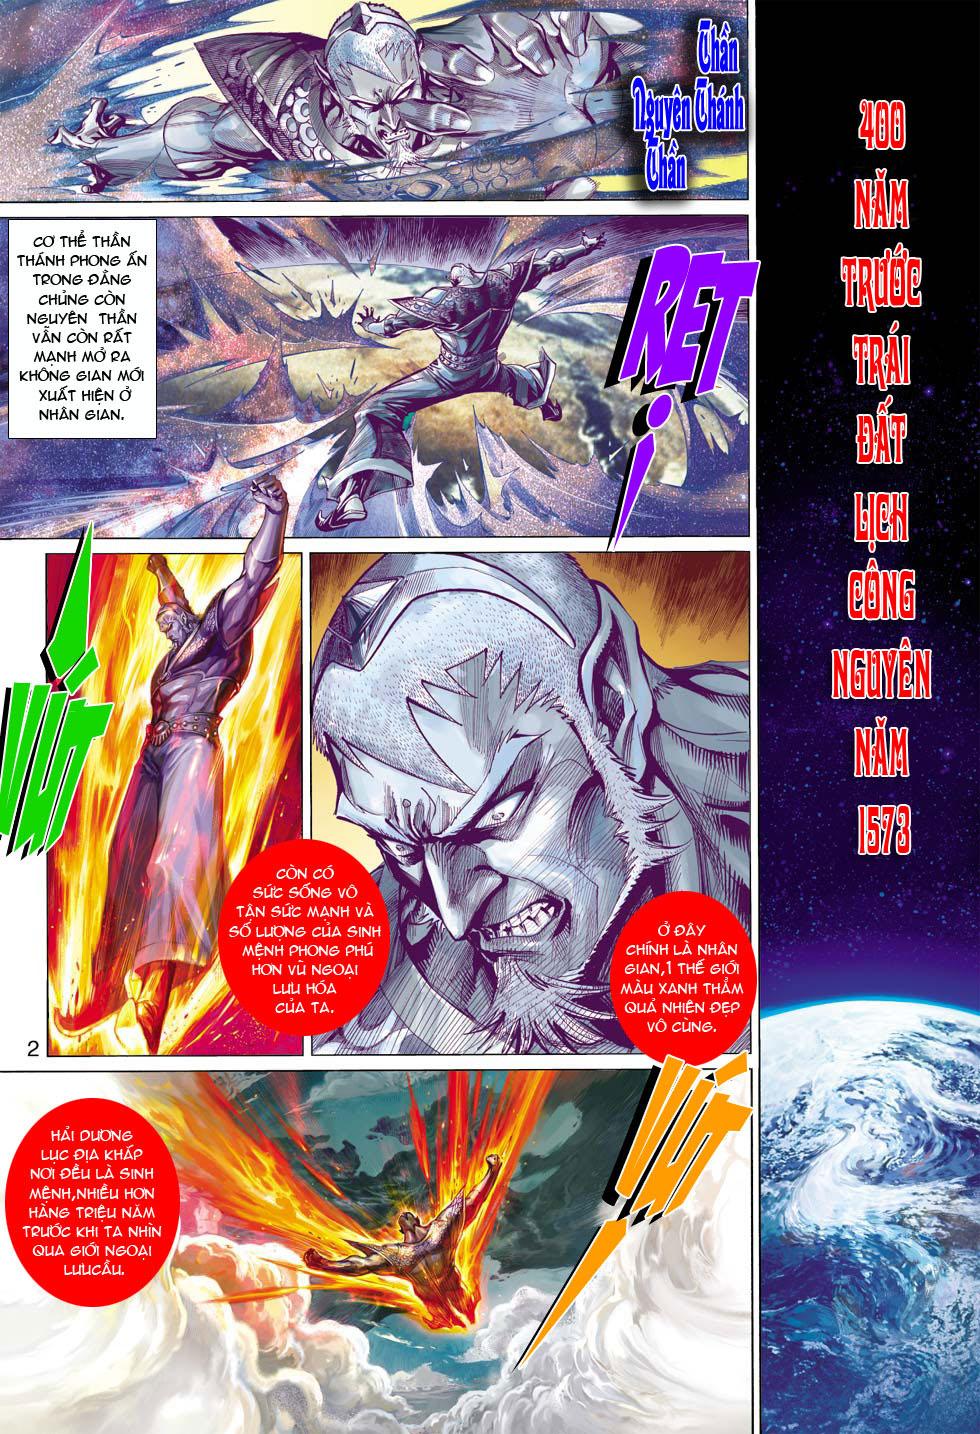 Thần Binh 4 chap 12 - Trang 3